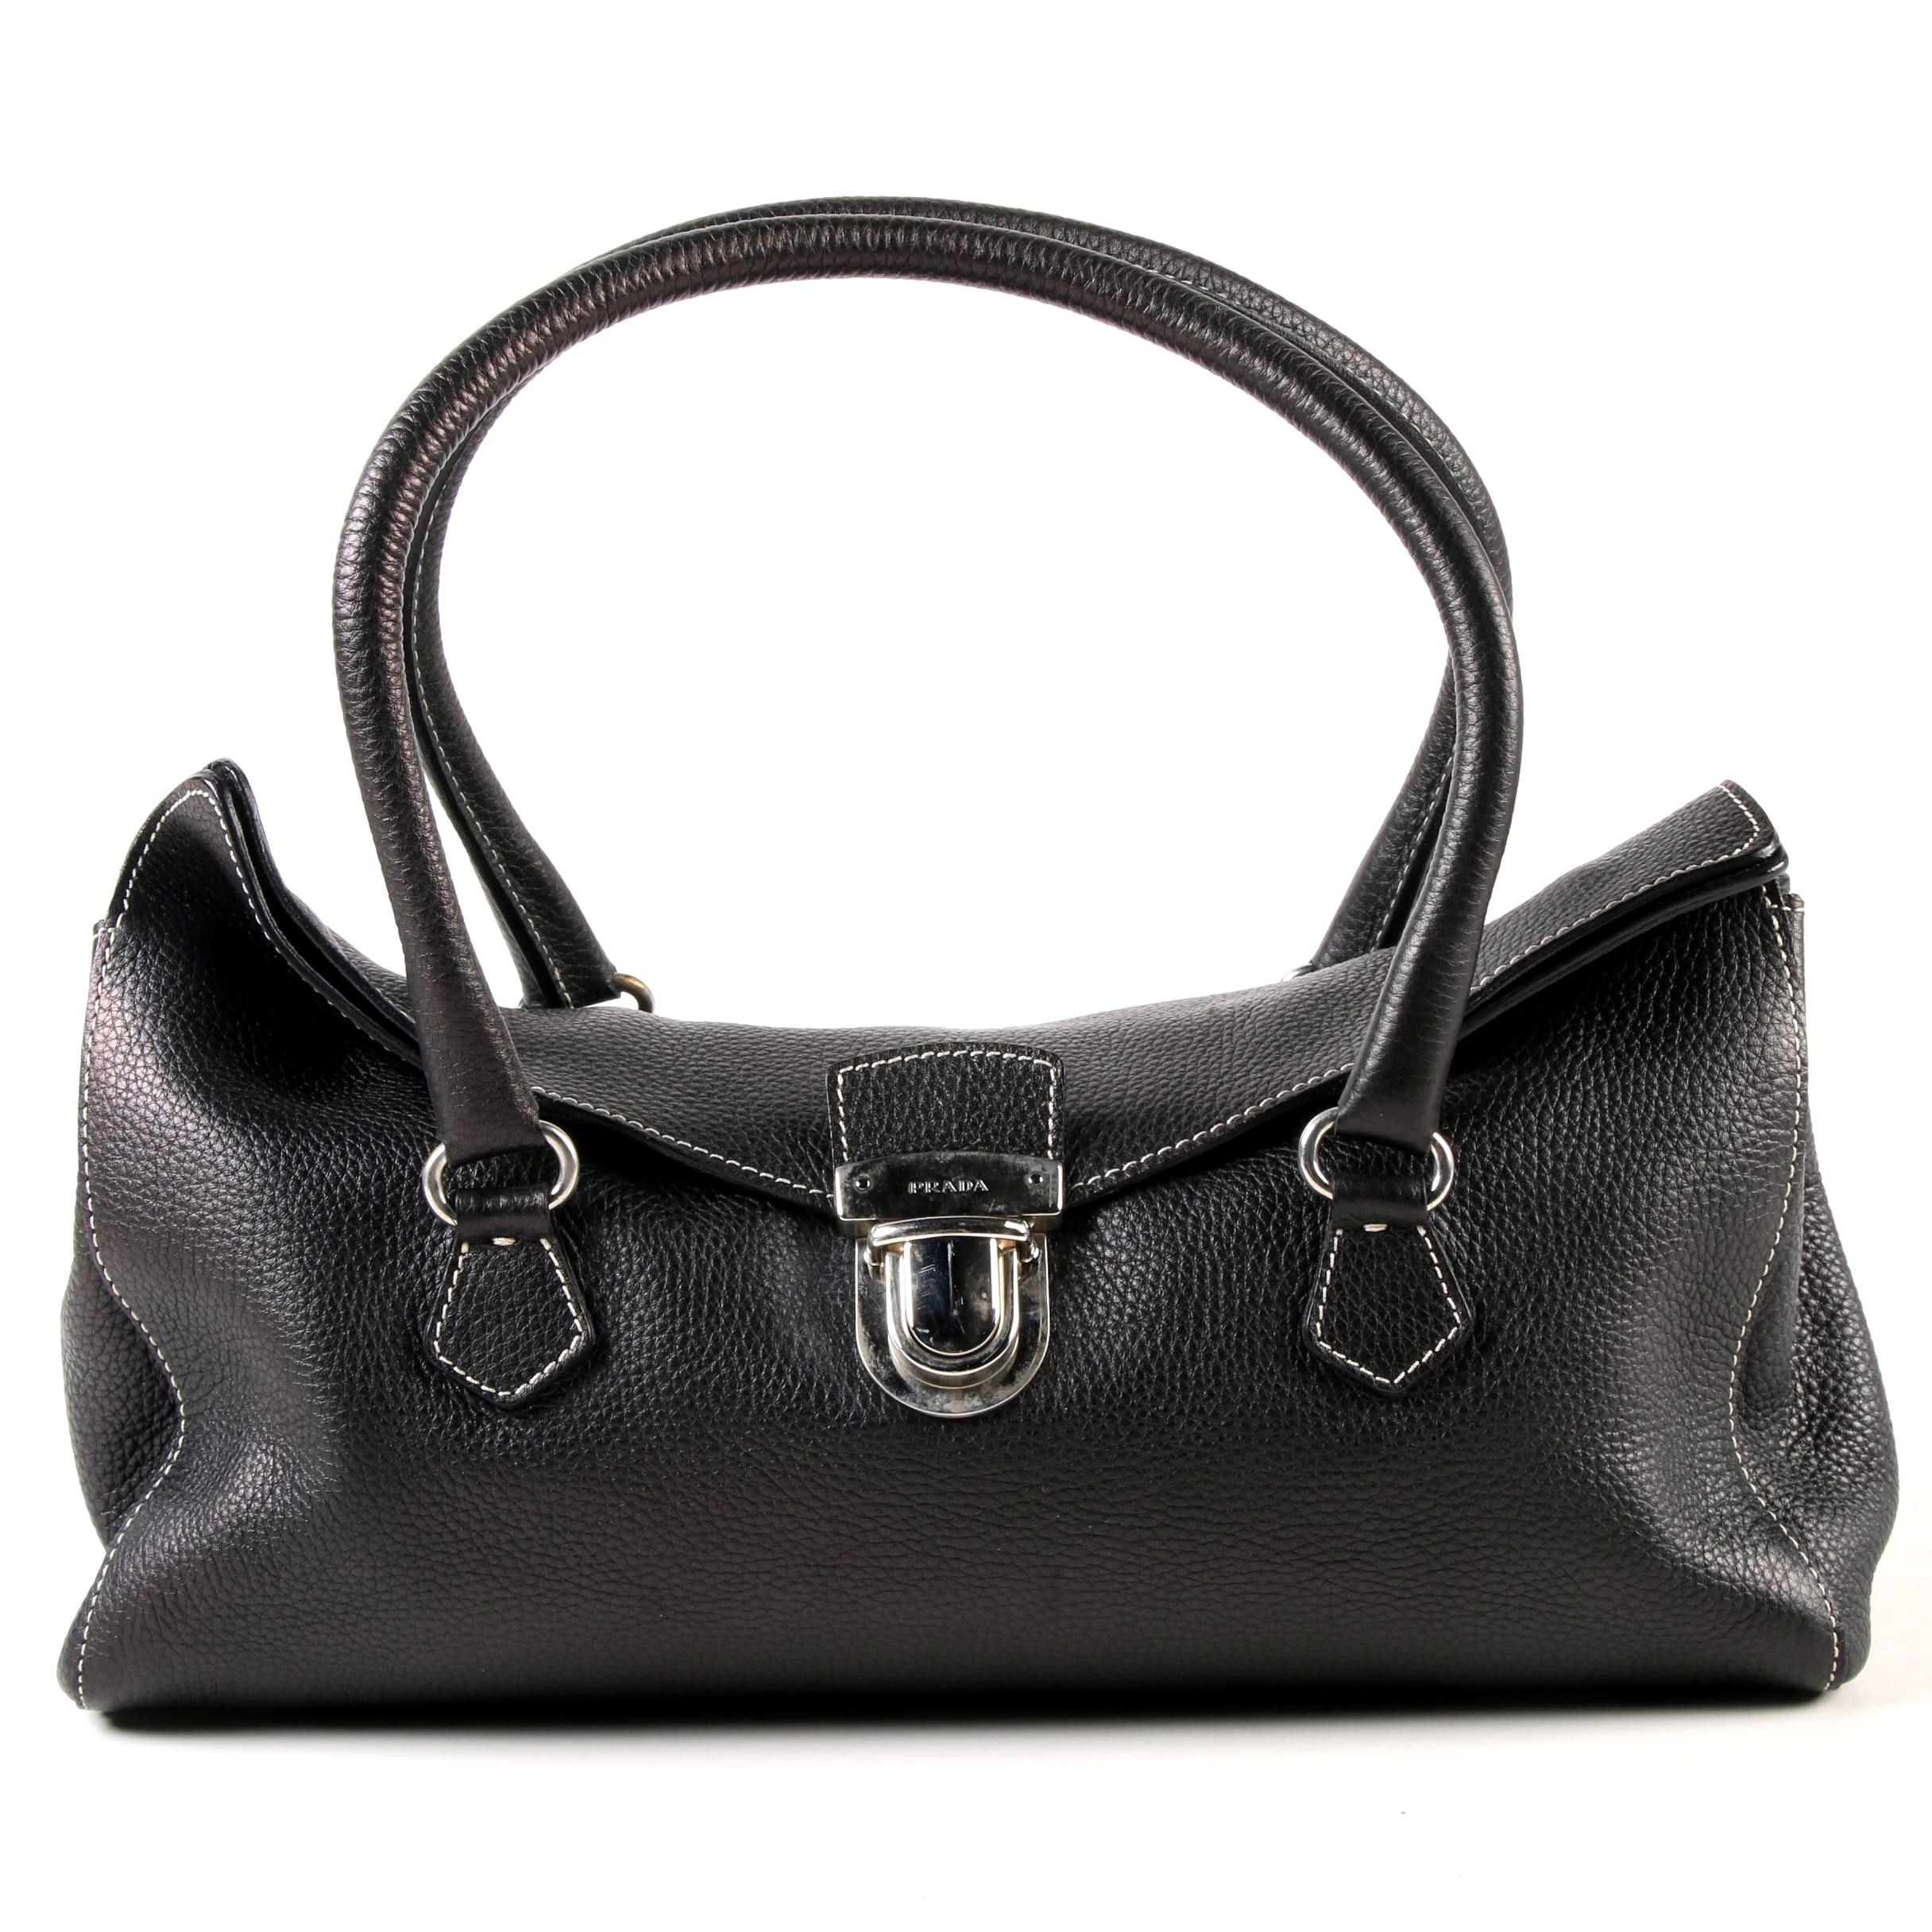 Prada East West Bag in Black Deerskin Leather with Push Lock Clasp